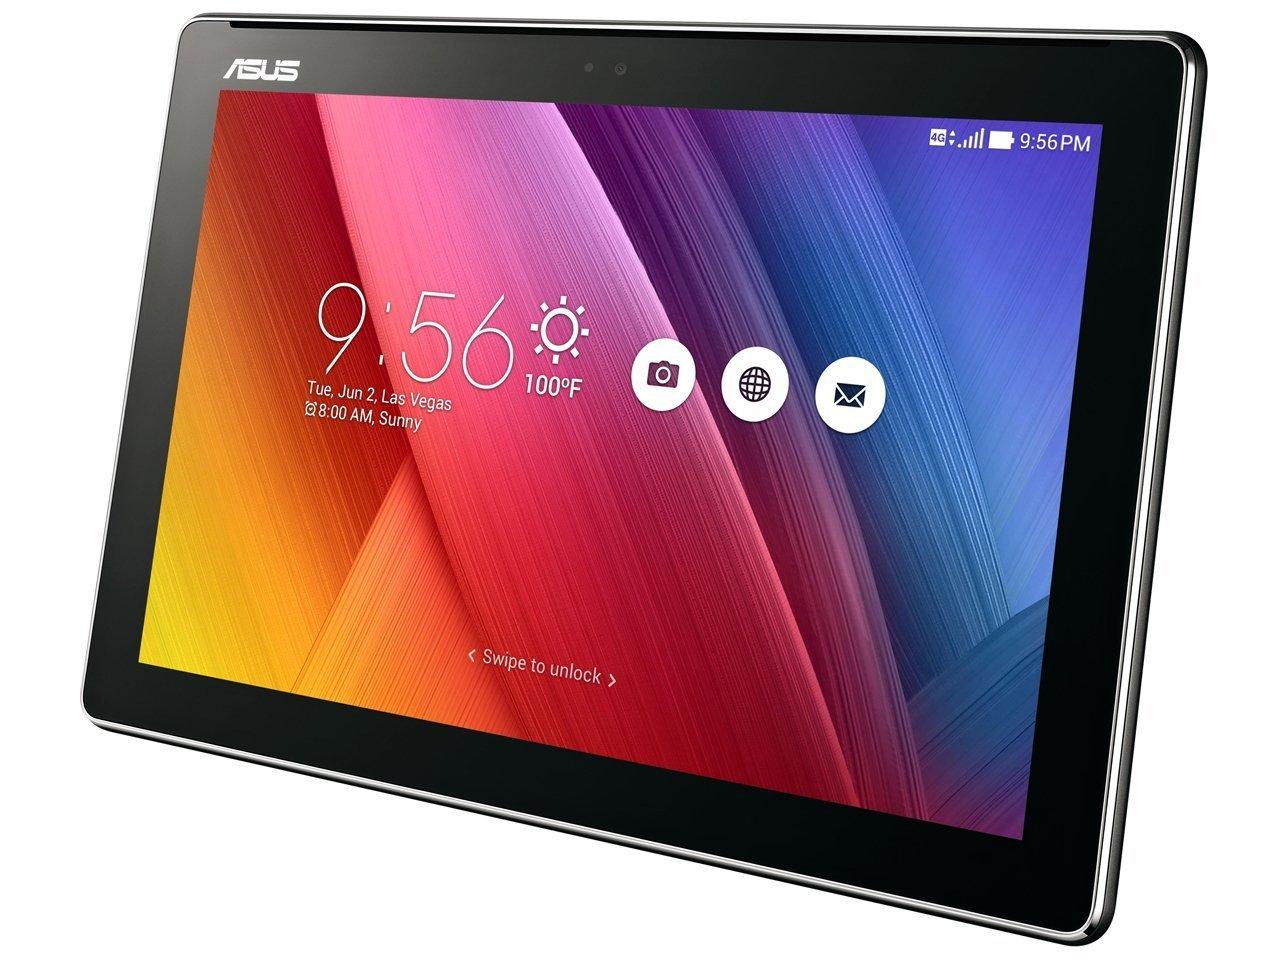 エイスース 10.1型タブレットパソコン ZenPad 10 SIMフリーモデル (ブラック) Z300CNL-BK16 B01I2IOHS2